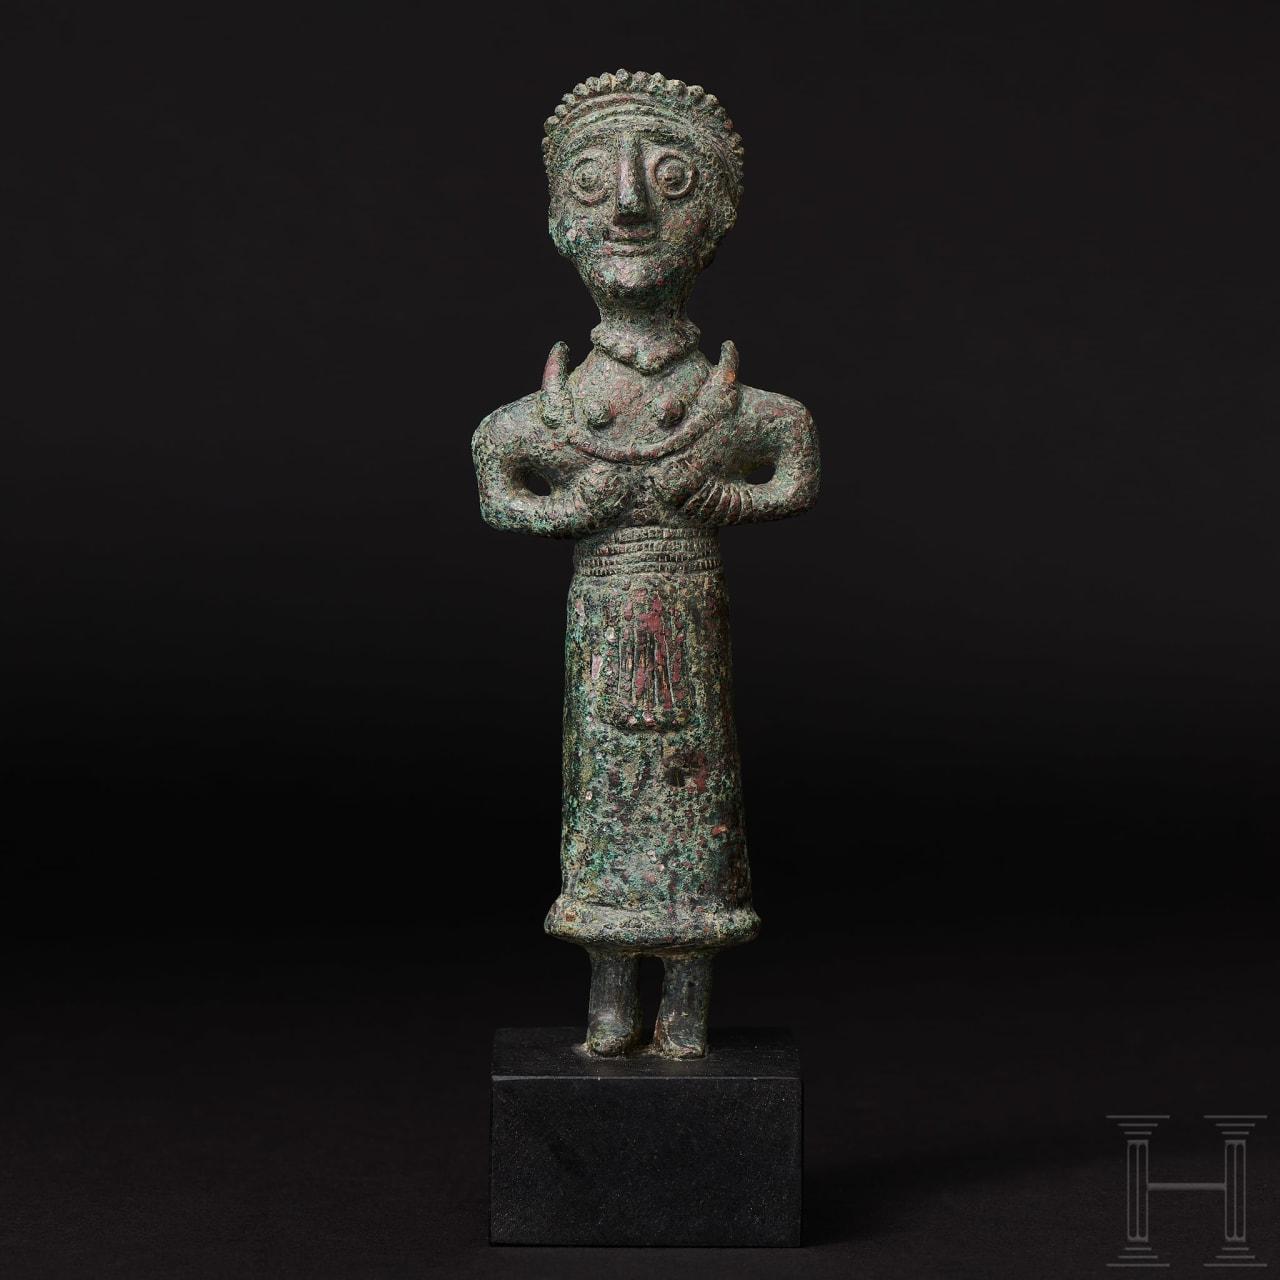 Elamitische Bronzestatuette einer Priesterin, Vorderasien, 3. Jtsd. v. Chr.